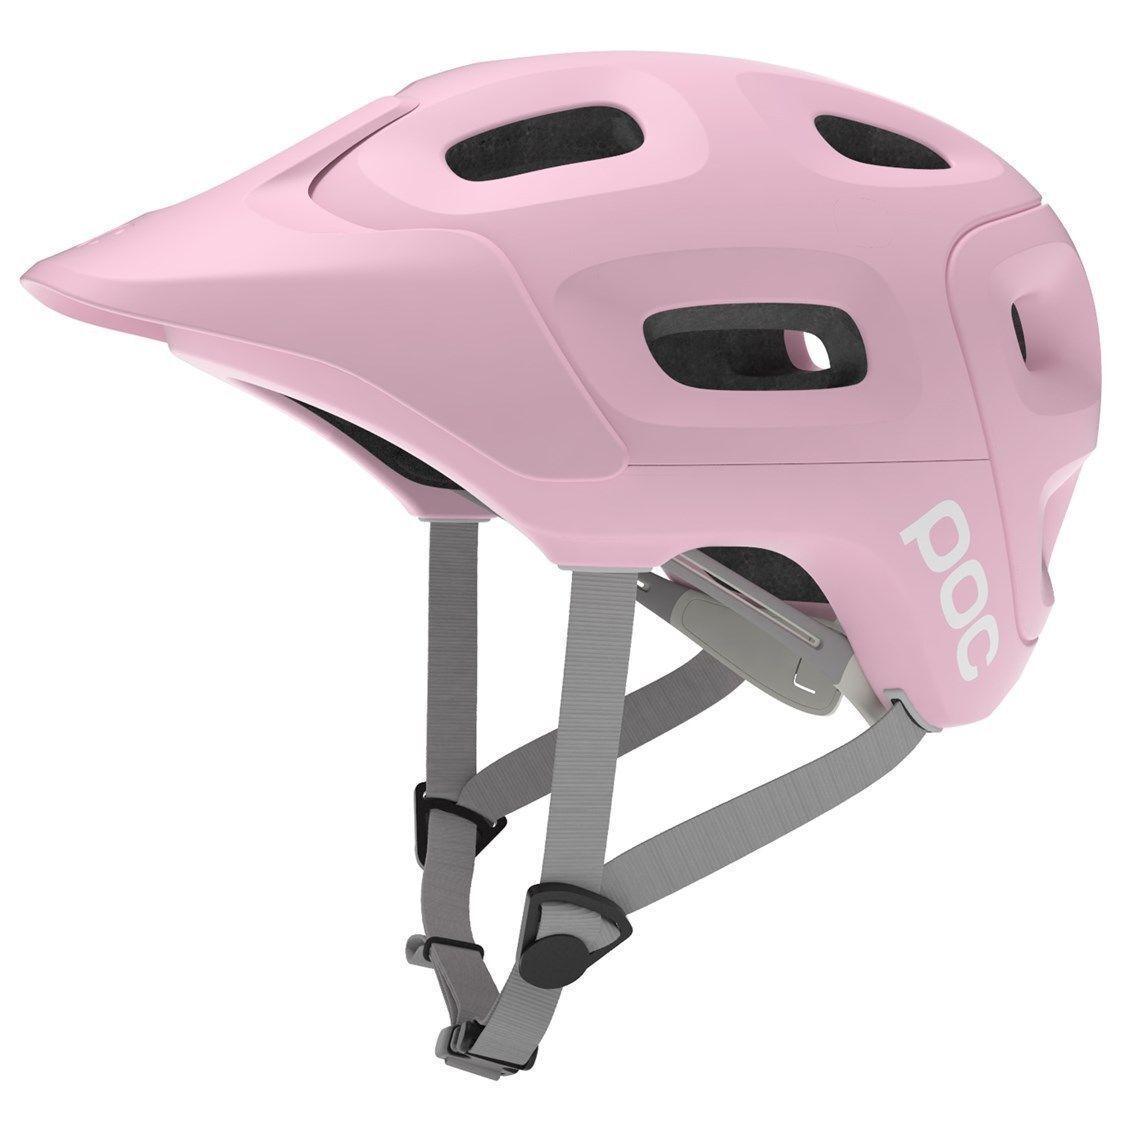 POC Trabec Outdoor sport Ski Bike Helmet Ytterbium Pink M-L 340gr , US Seller